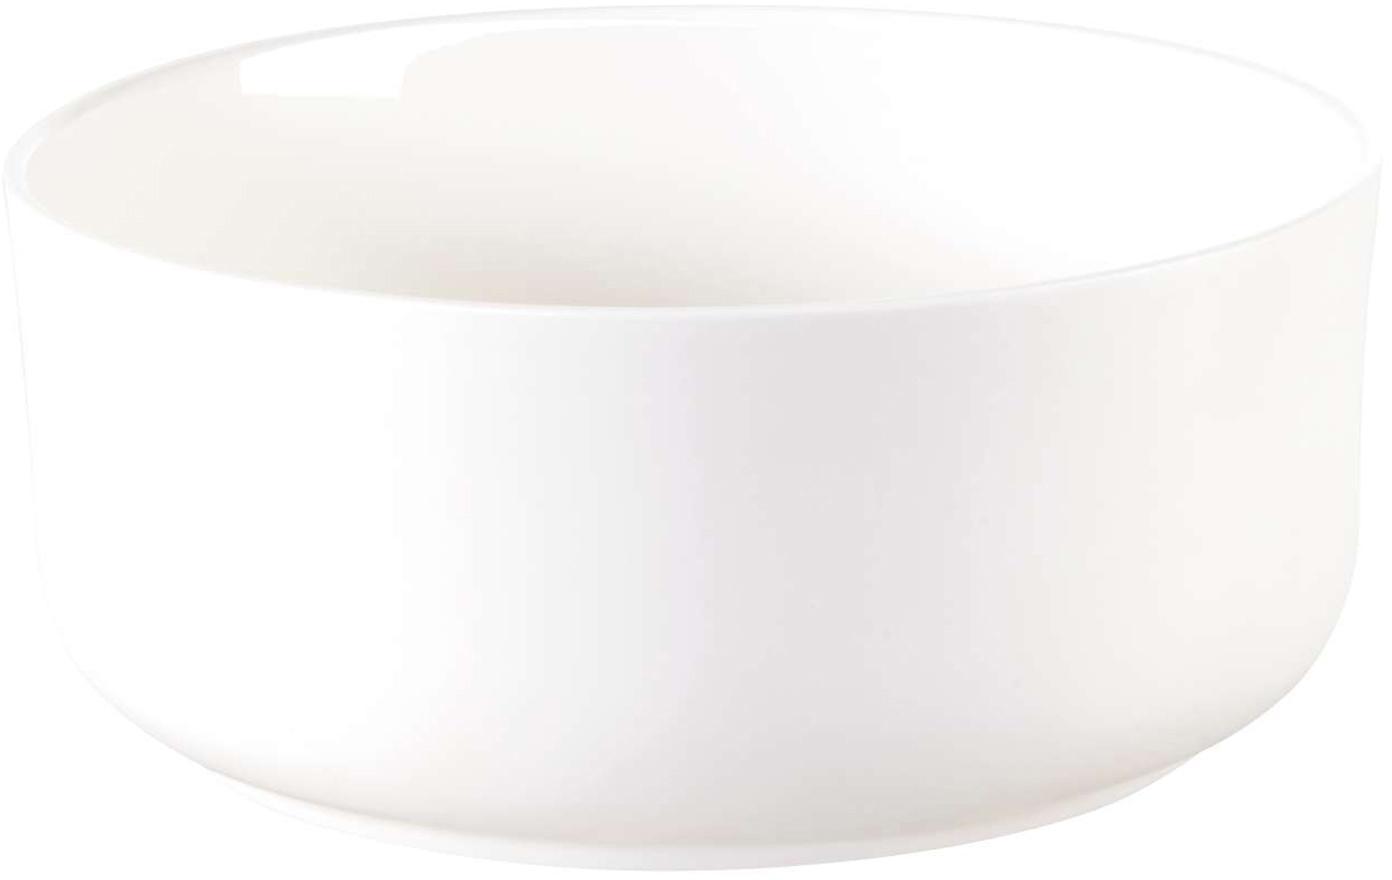 Cuencos de porcelana Oco, 6uds., Porcelana fina, Marfil, Ø 12 cm